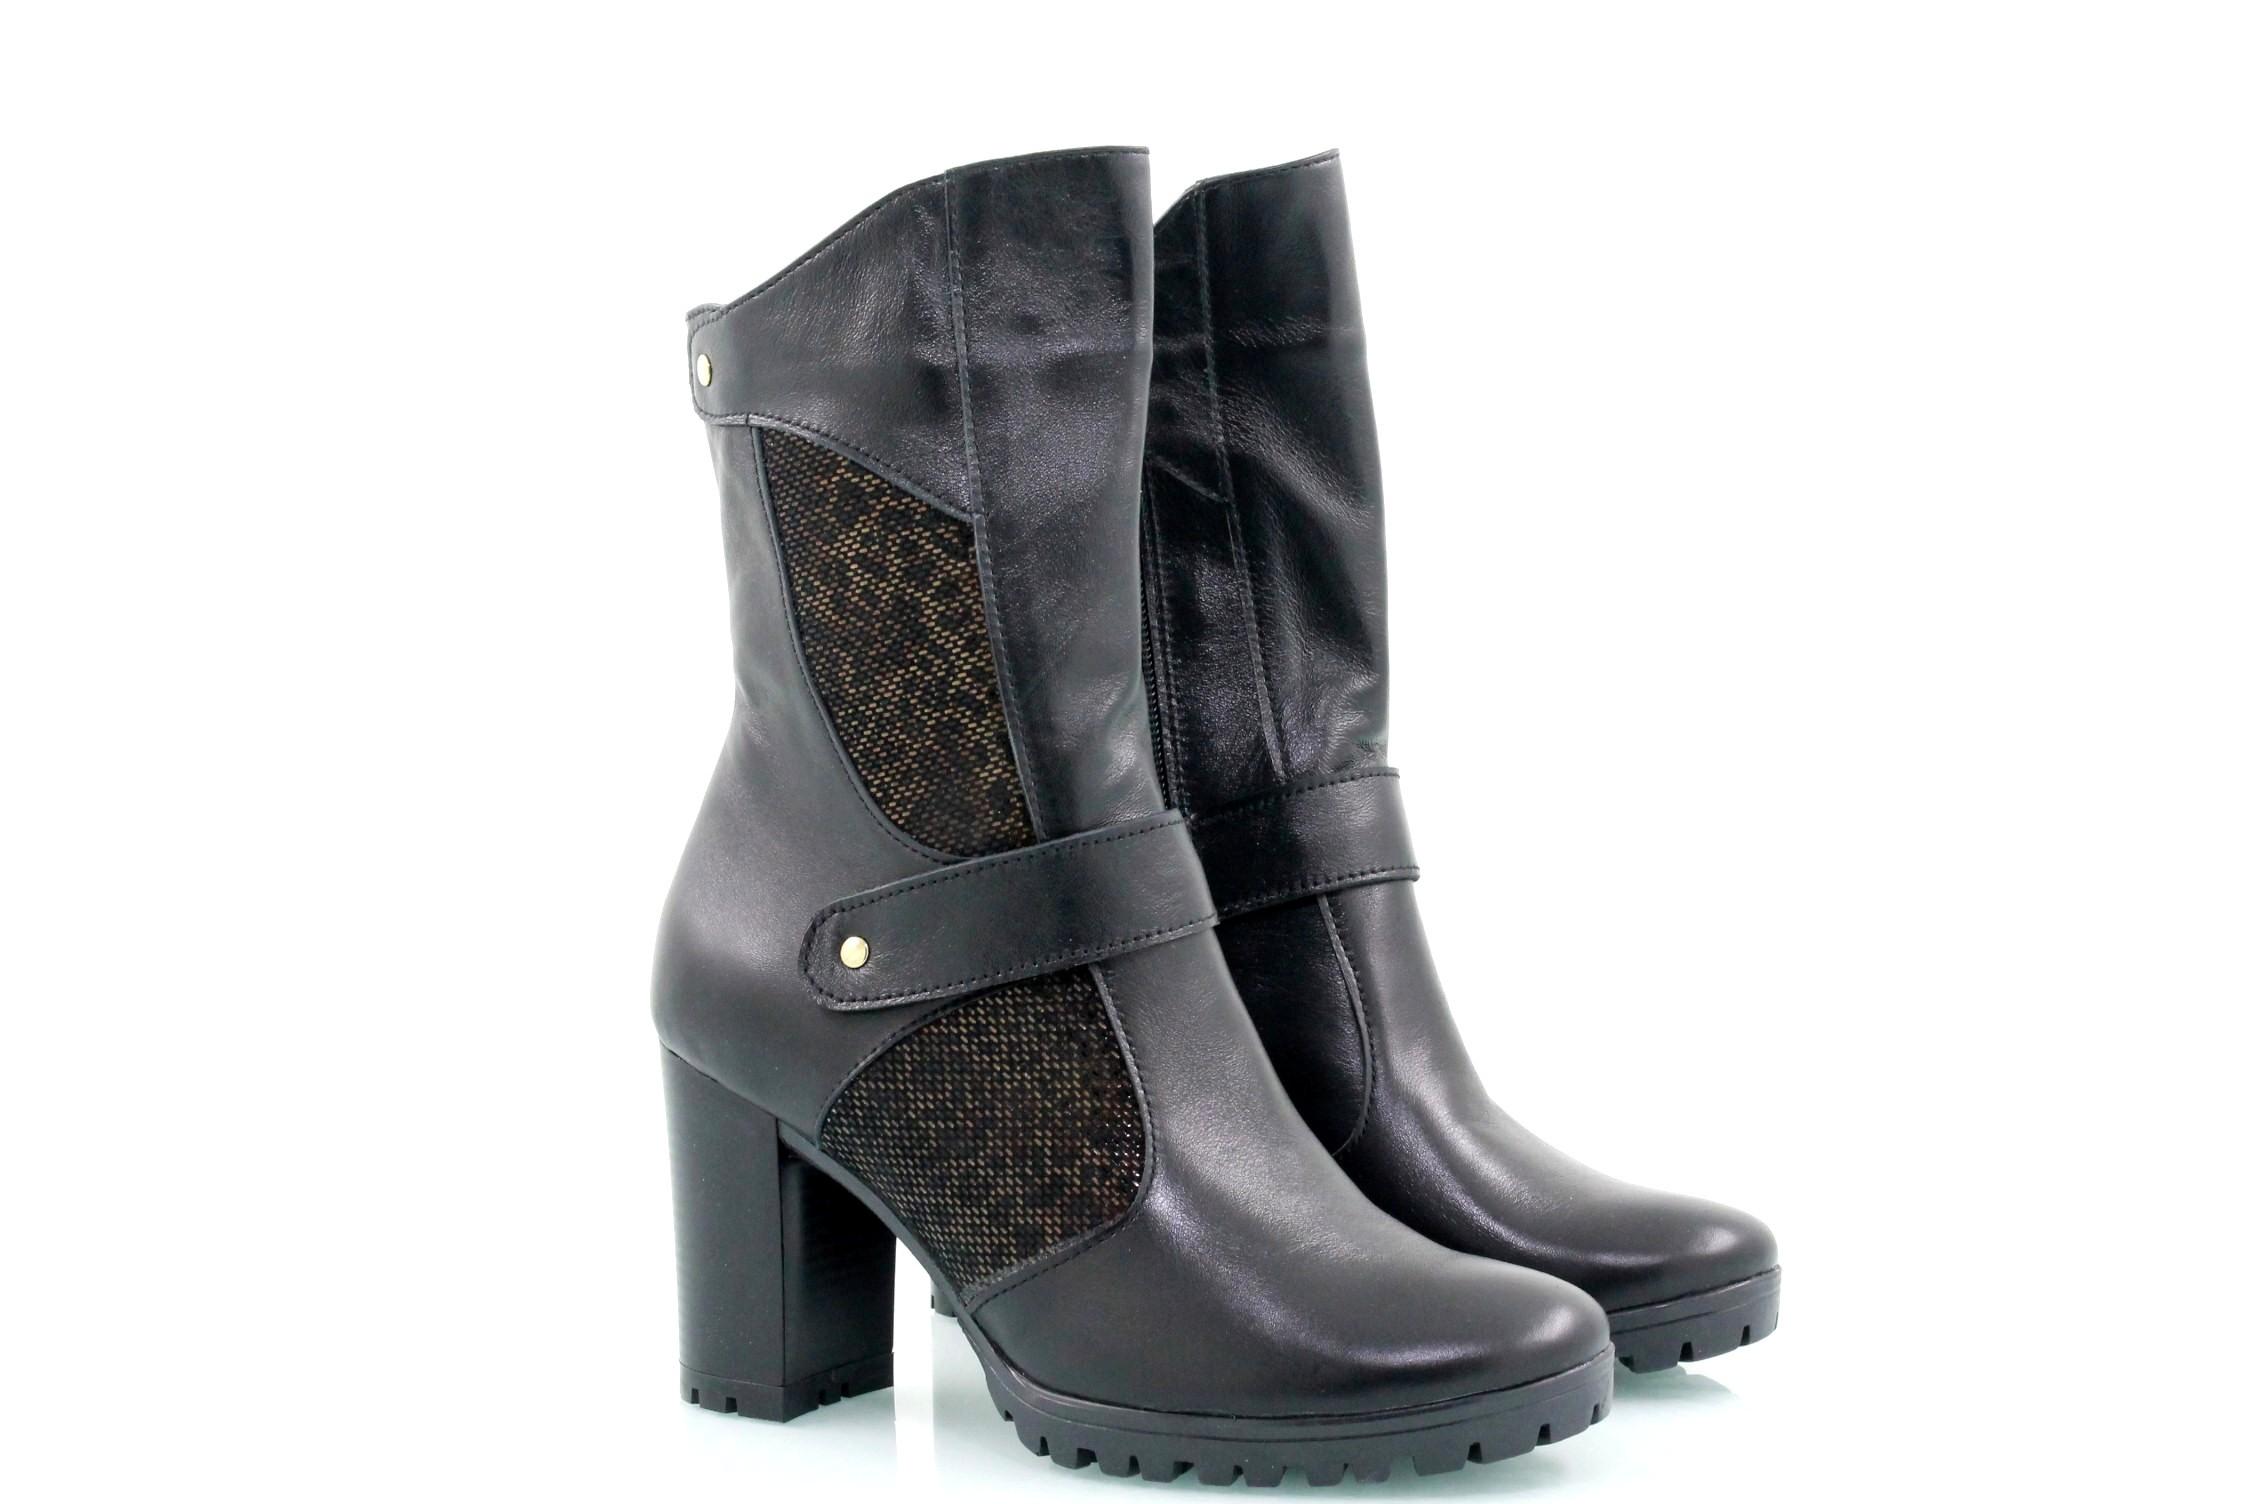 658c91293807 Villomi Женская кожаная обувь Villomi https://www.vm-villomi.ua ...